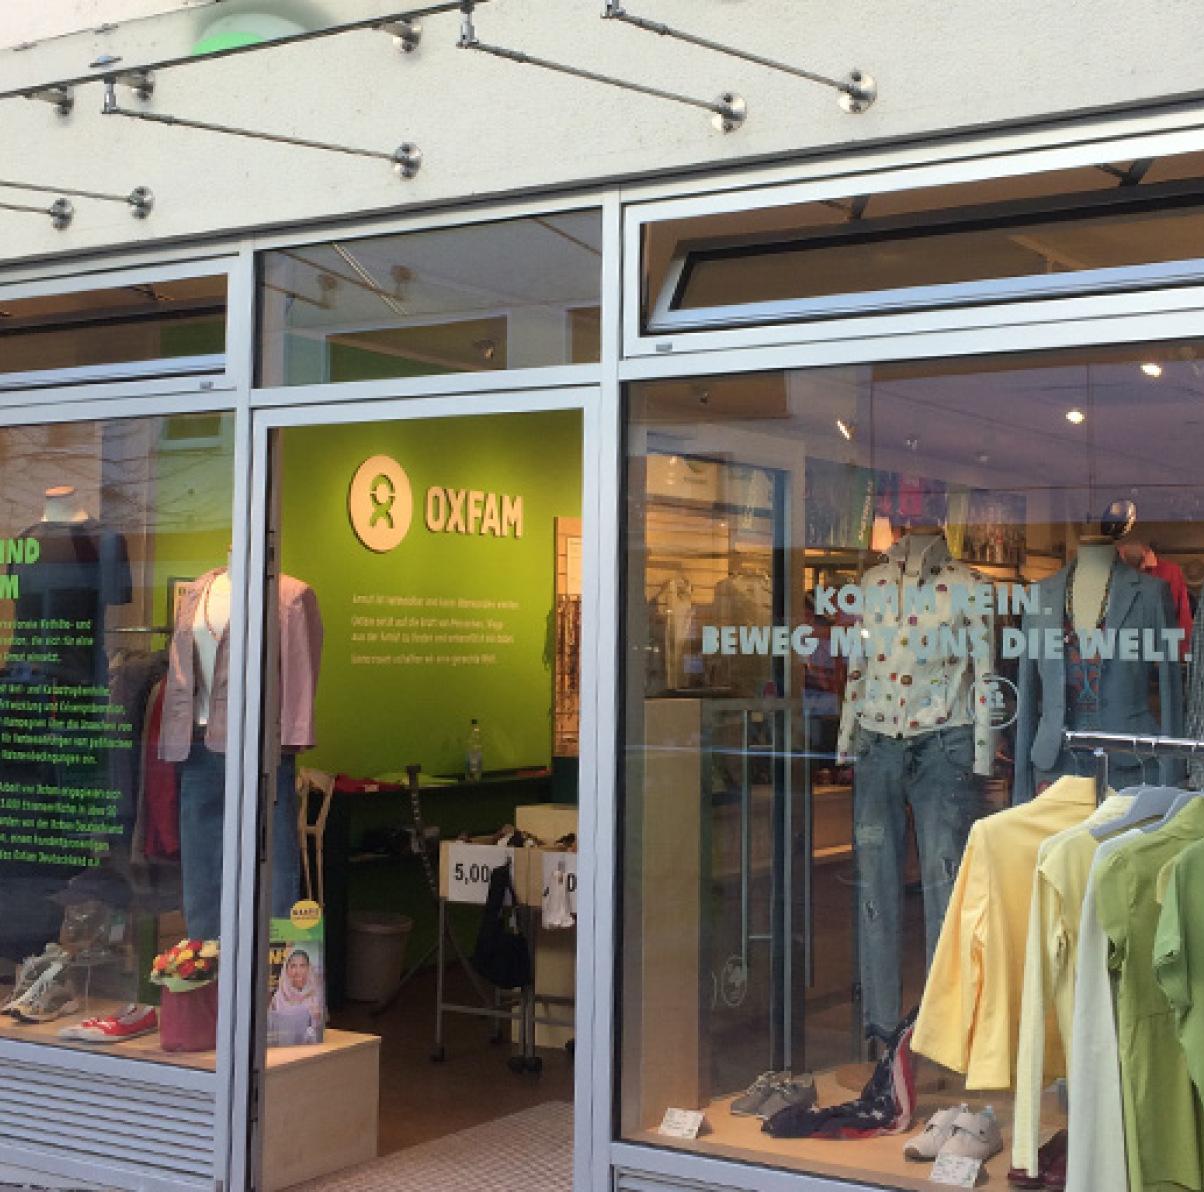 Oxfam Shop Ulm - Außenansicht